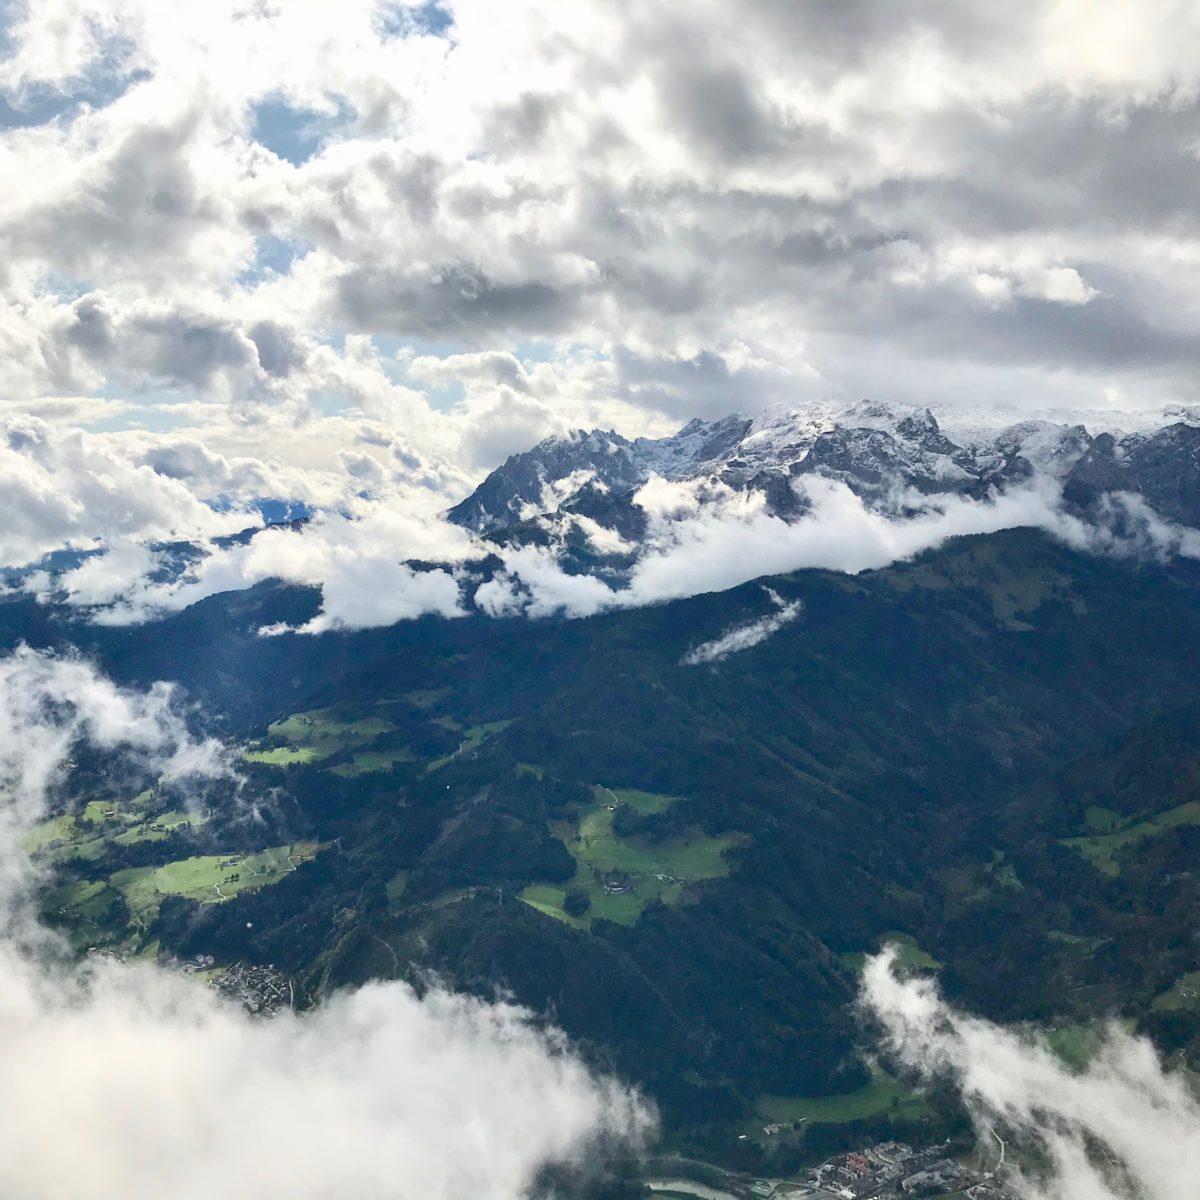 Ausblick in die wilden Wolken